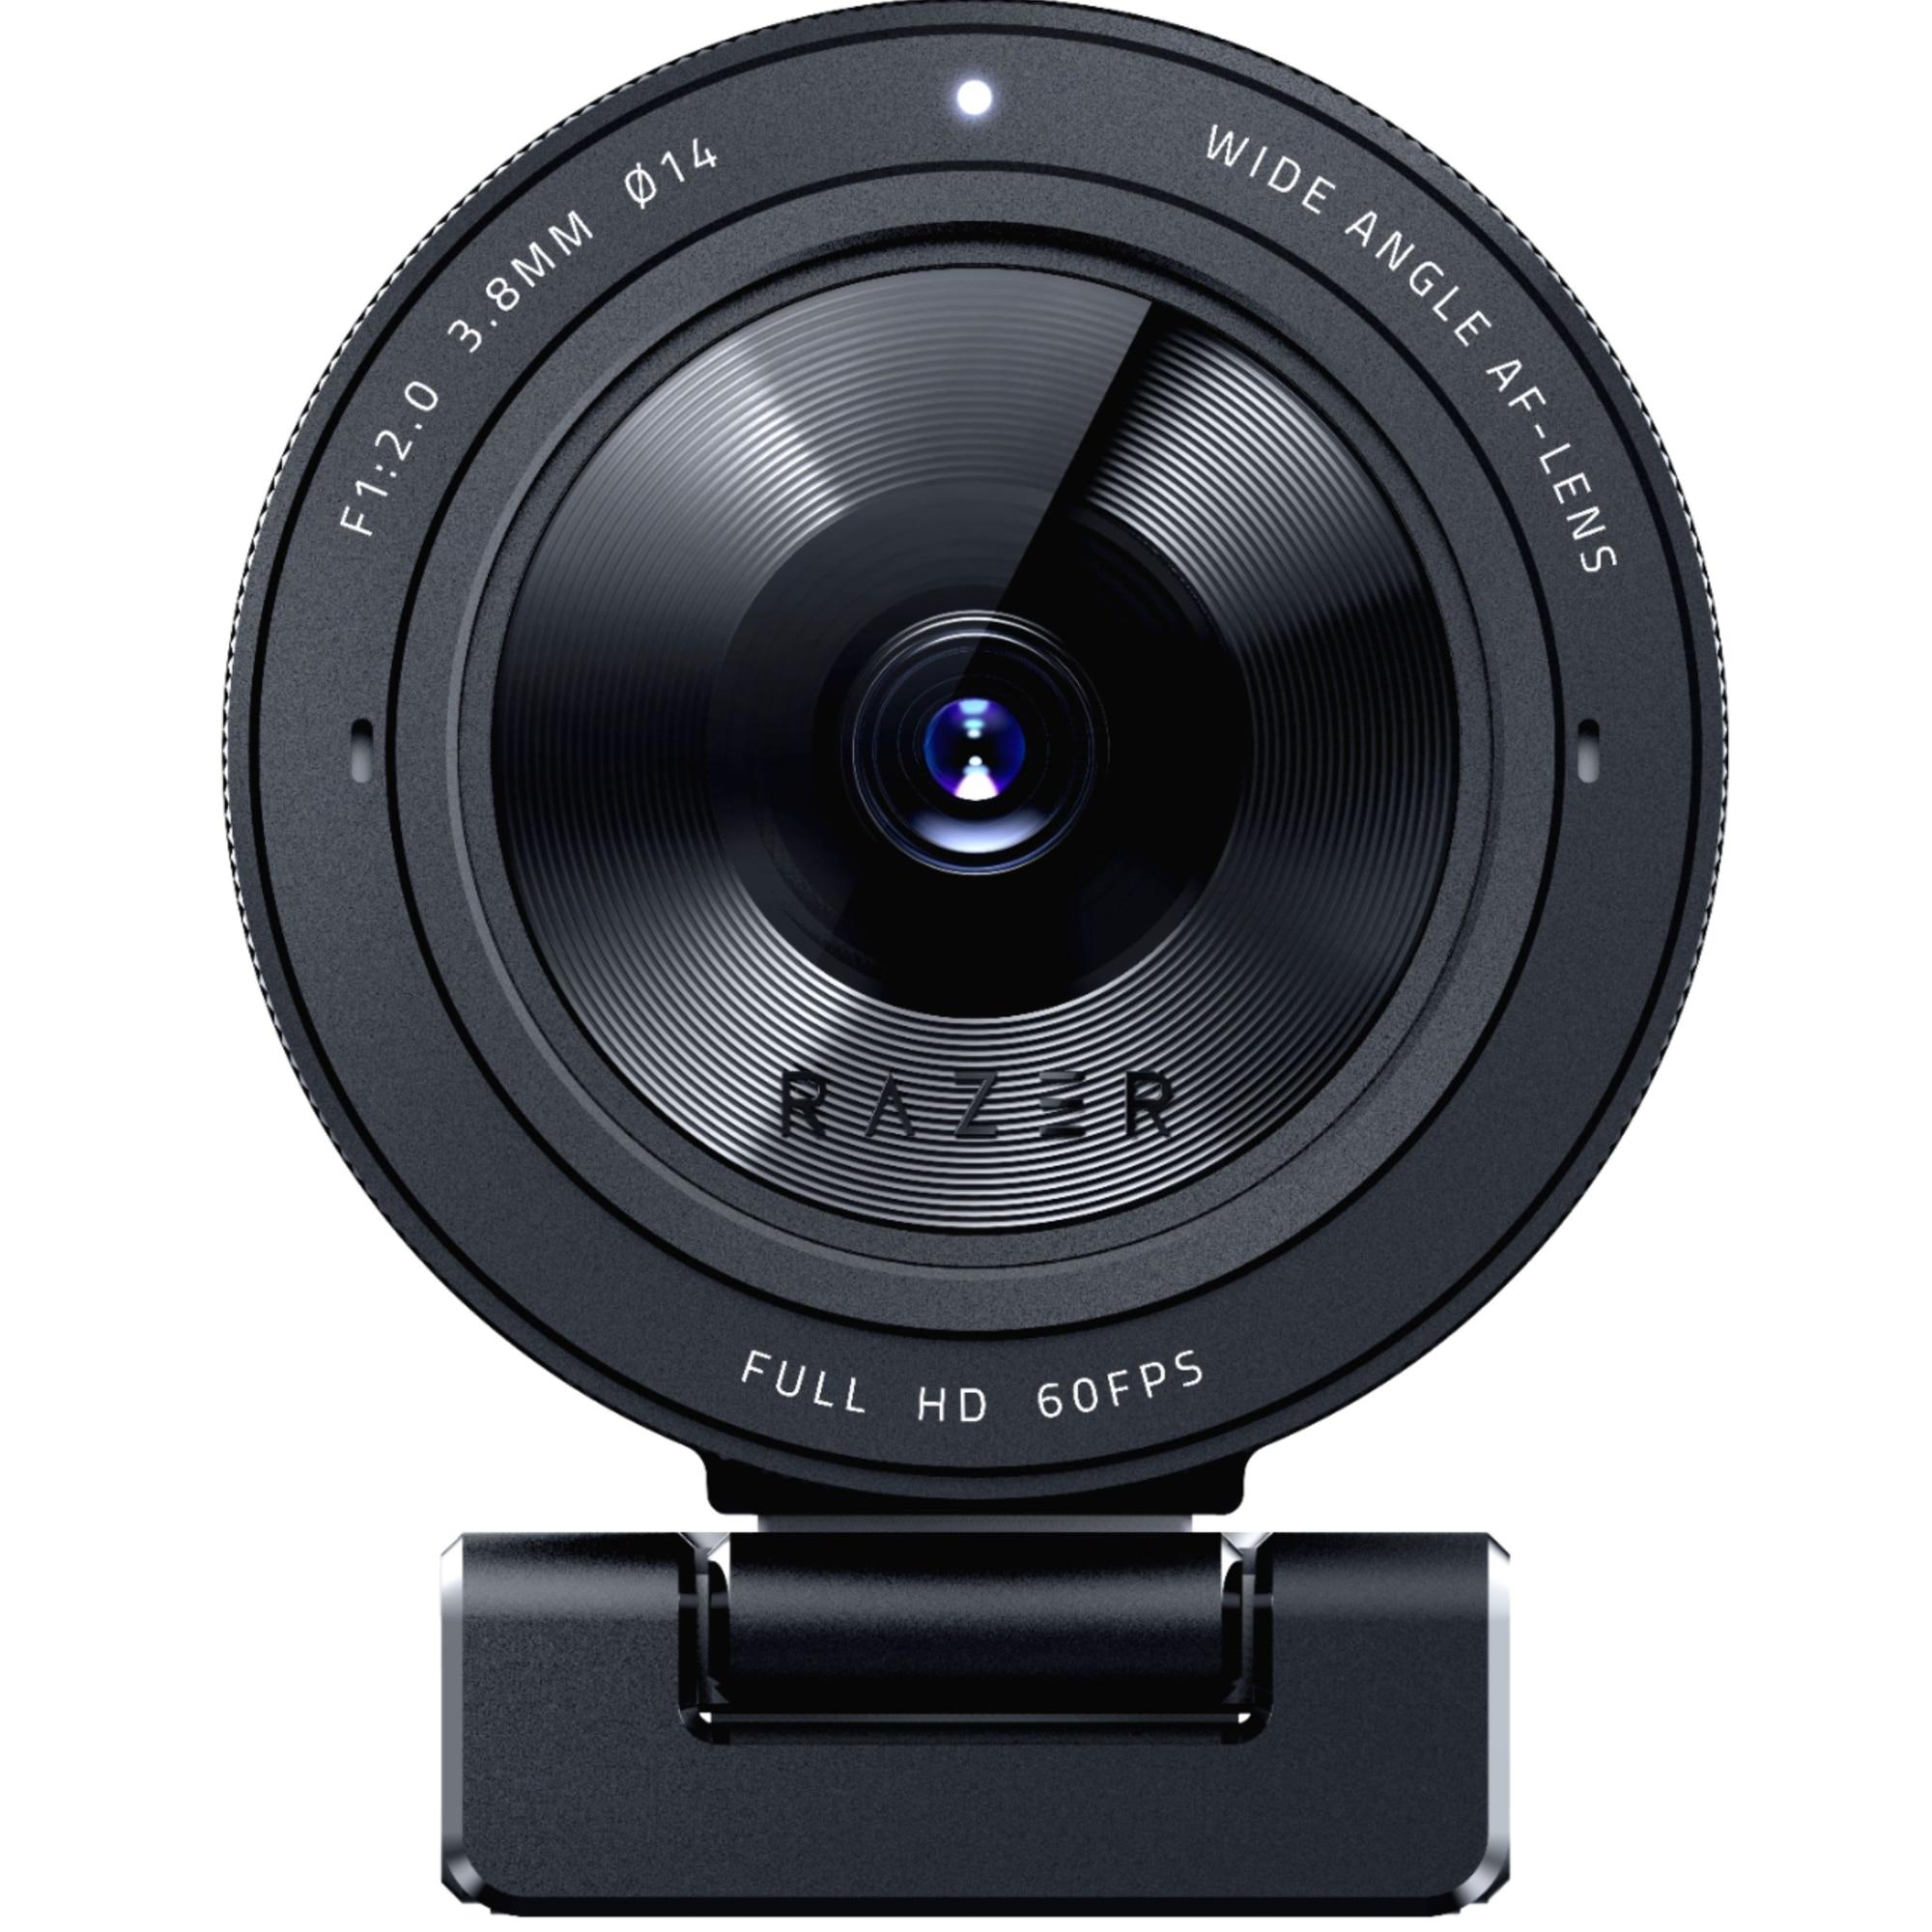 Fotografie Webcam Razer Kiyo Pro, FullHD 1080p, 60fps, HDR, Privacy Cover, USB 3.0